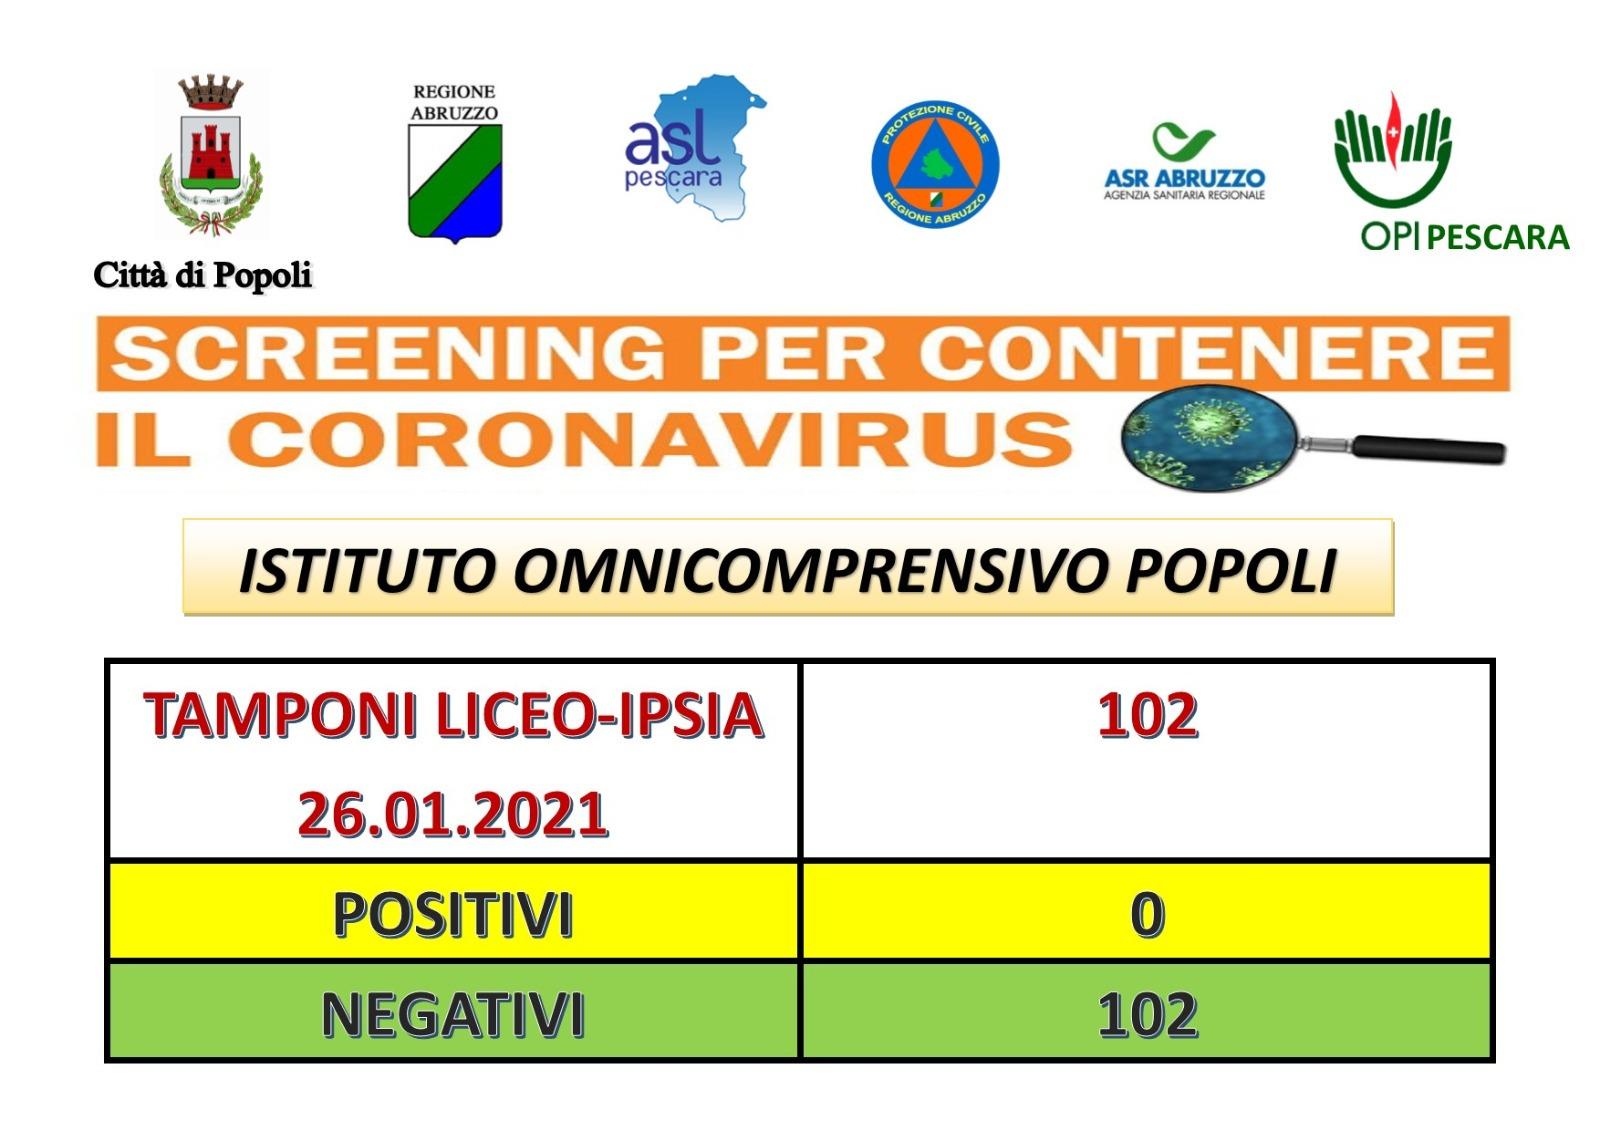 Esito tamponi Covid-19 Liceo-Ipsia